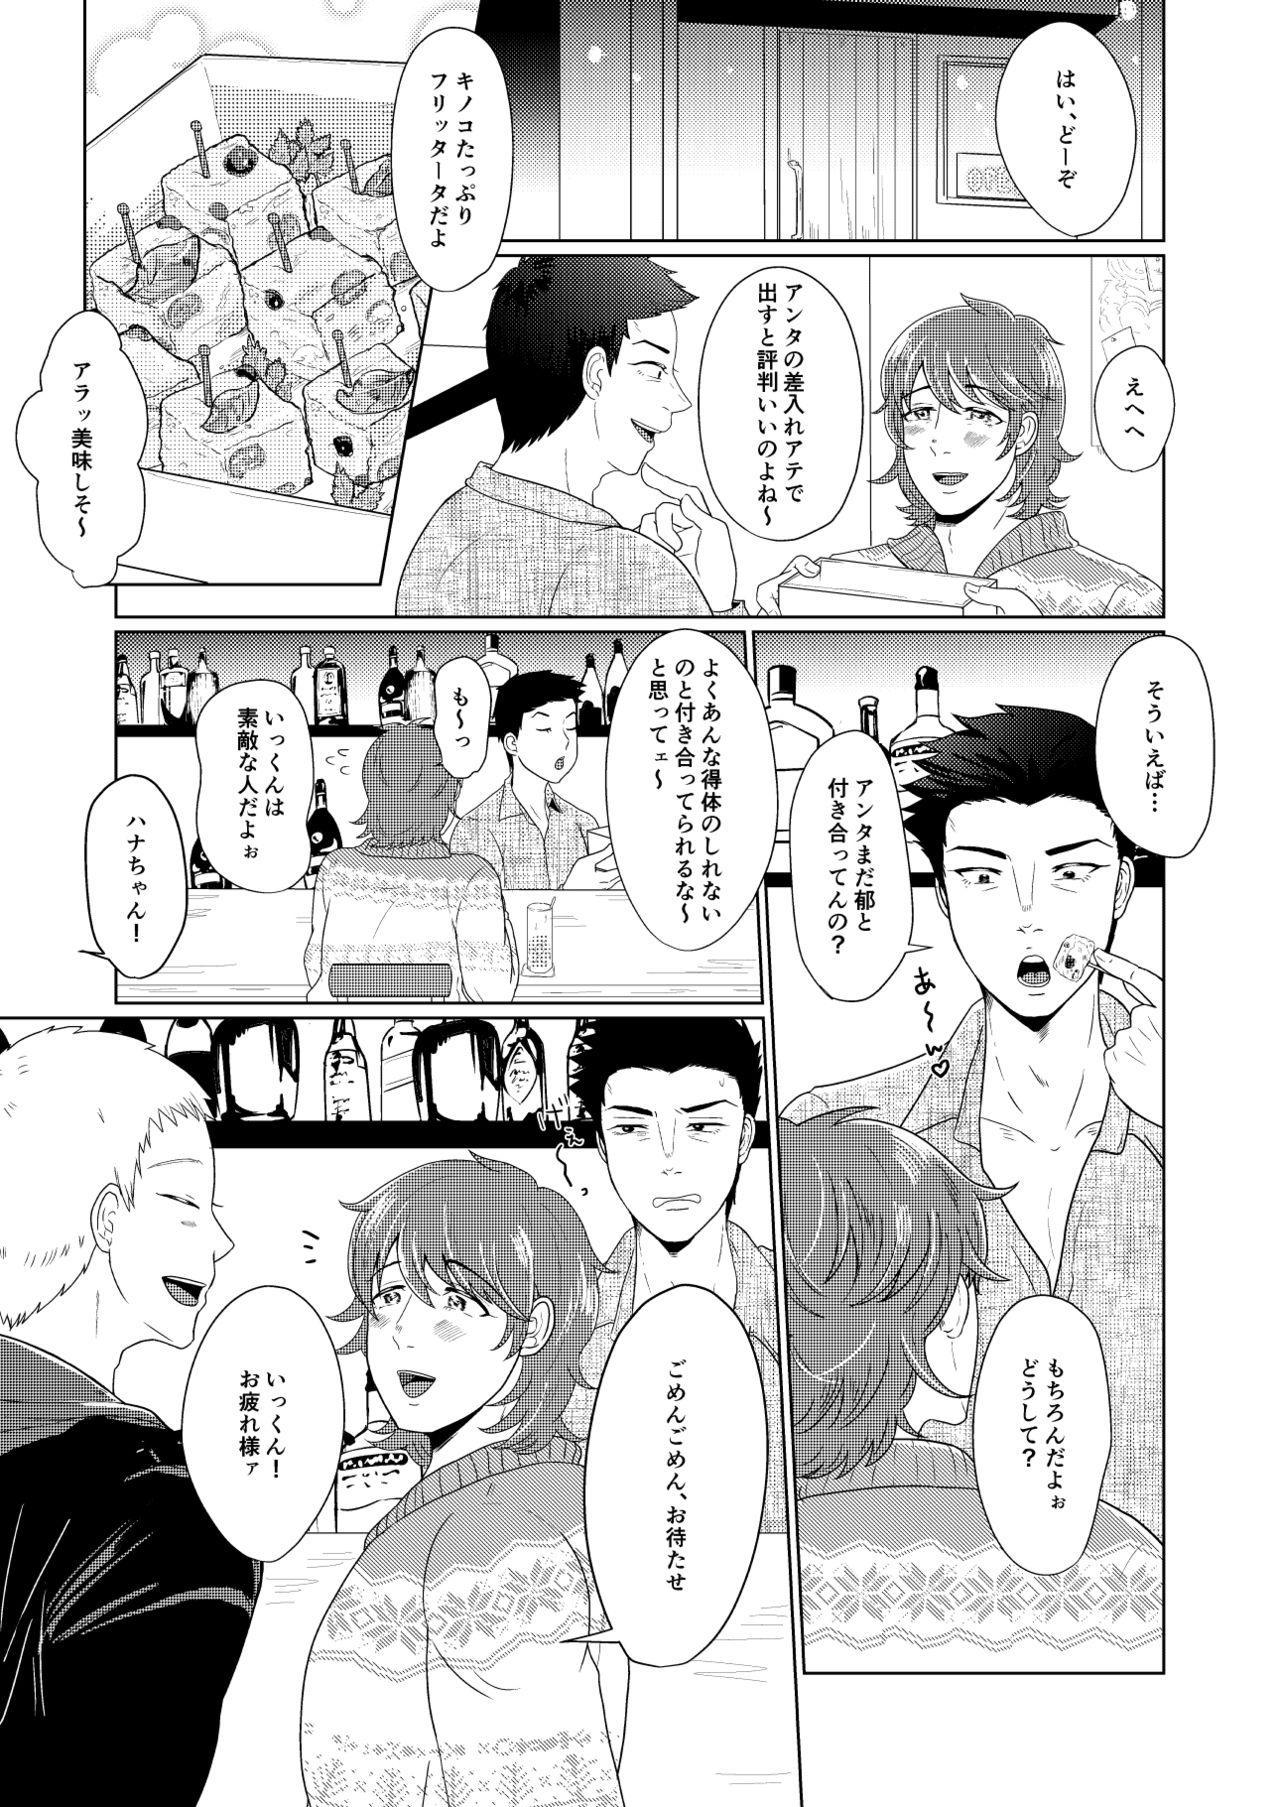 SM調教漫画⑤公開調編+α 1